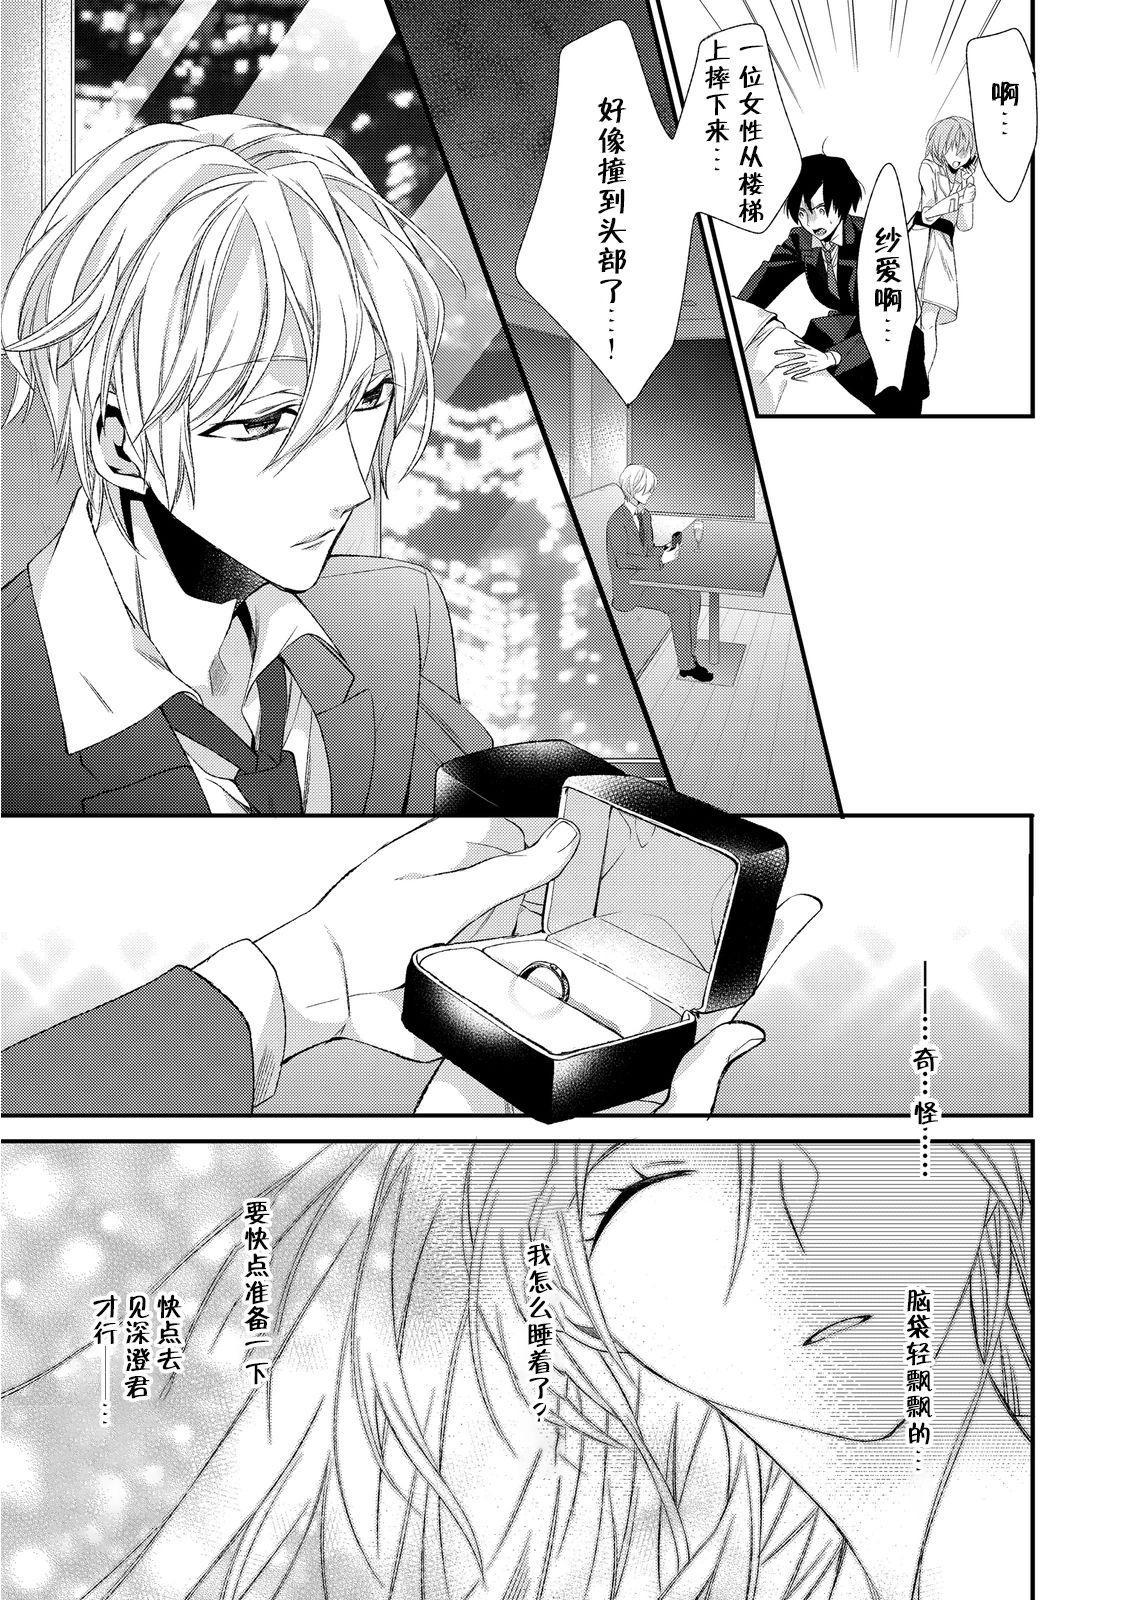 Kioku Sousitsu!? Watashi no Kareshi ha Docchi? Karada de Tameshite・・・ | 失忆!?我的男朋友到底是谁?用身体来确认…Ch. 1-2 13